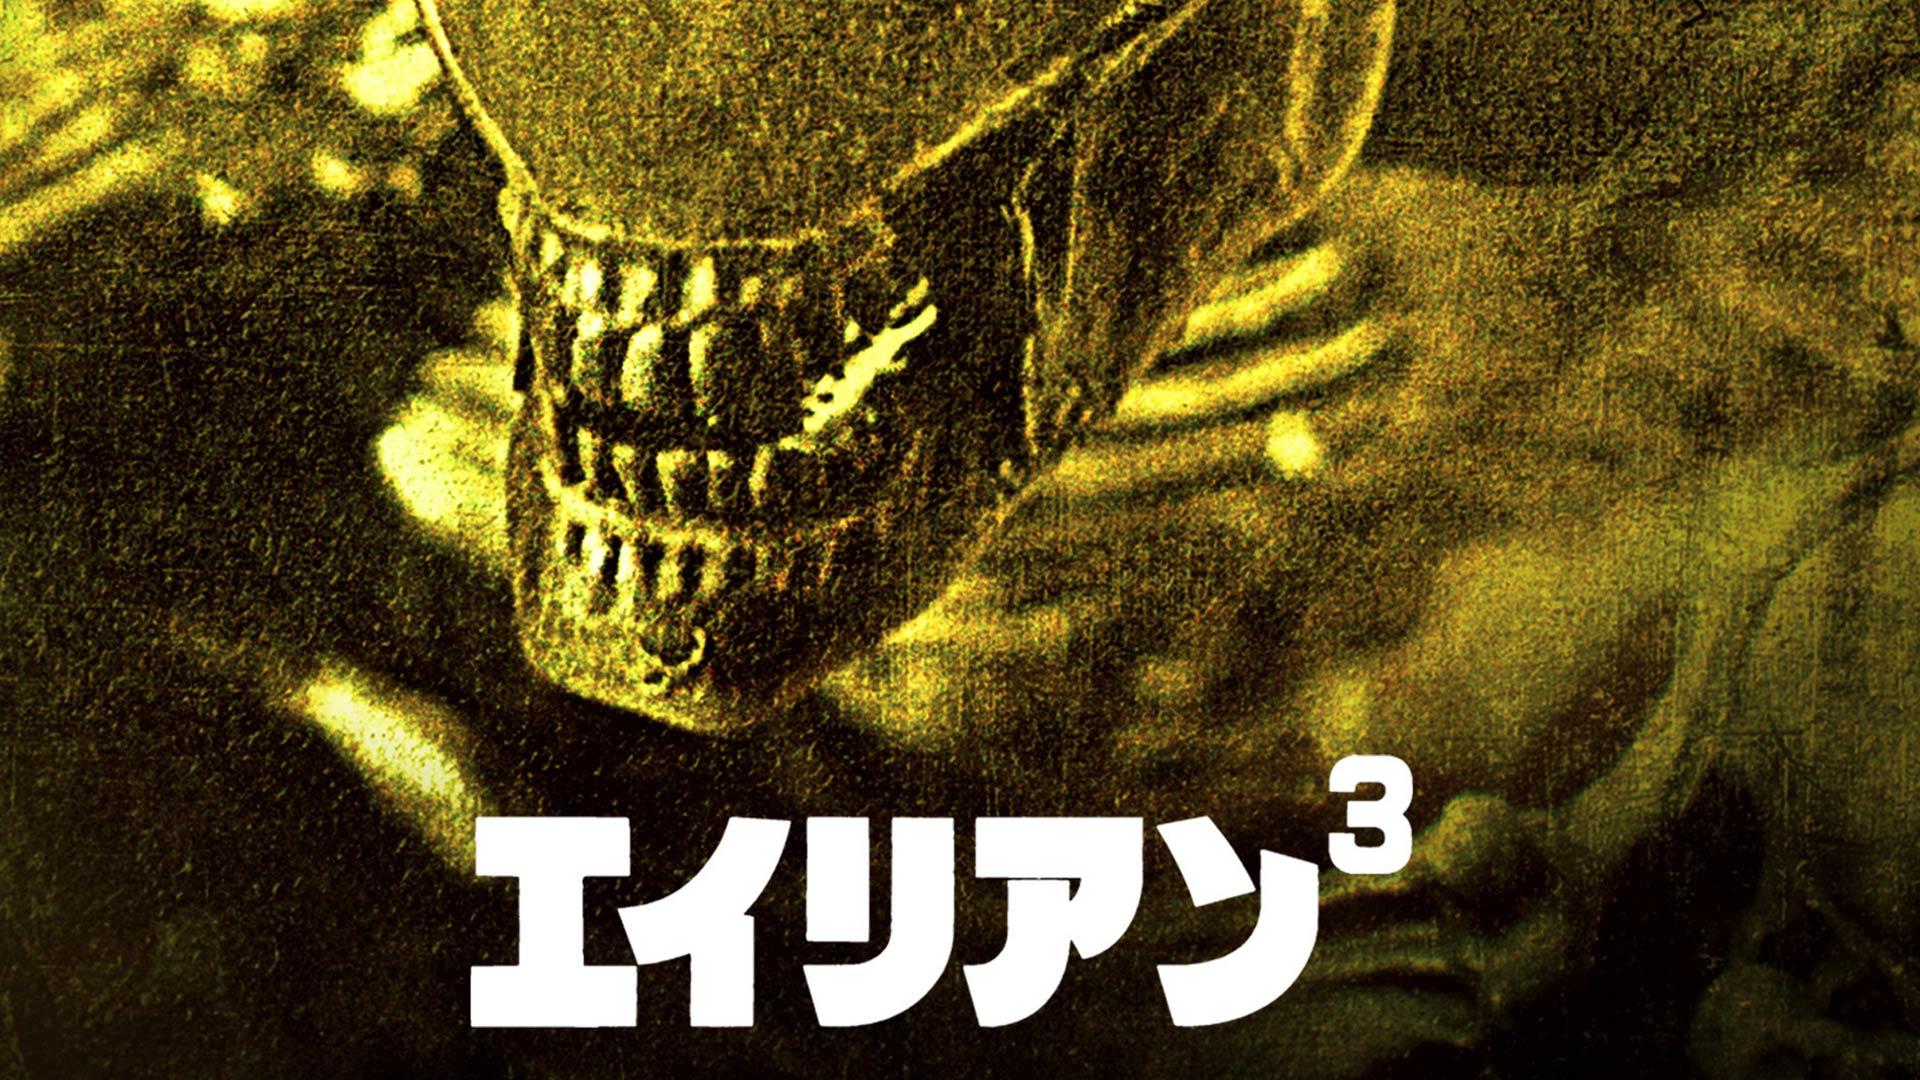 エイリアン3 (吹替版)